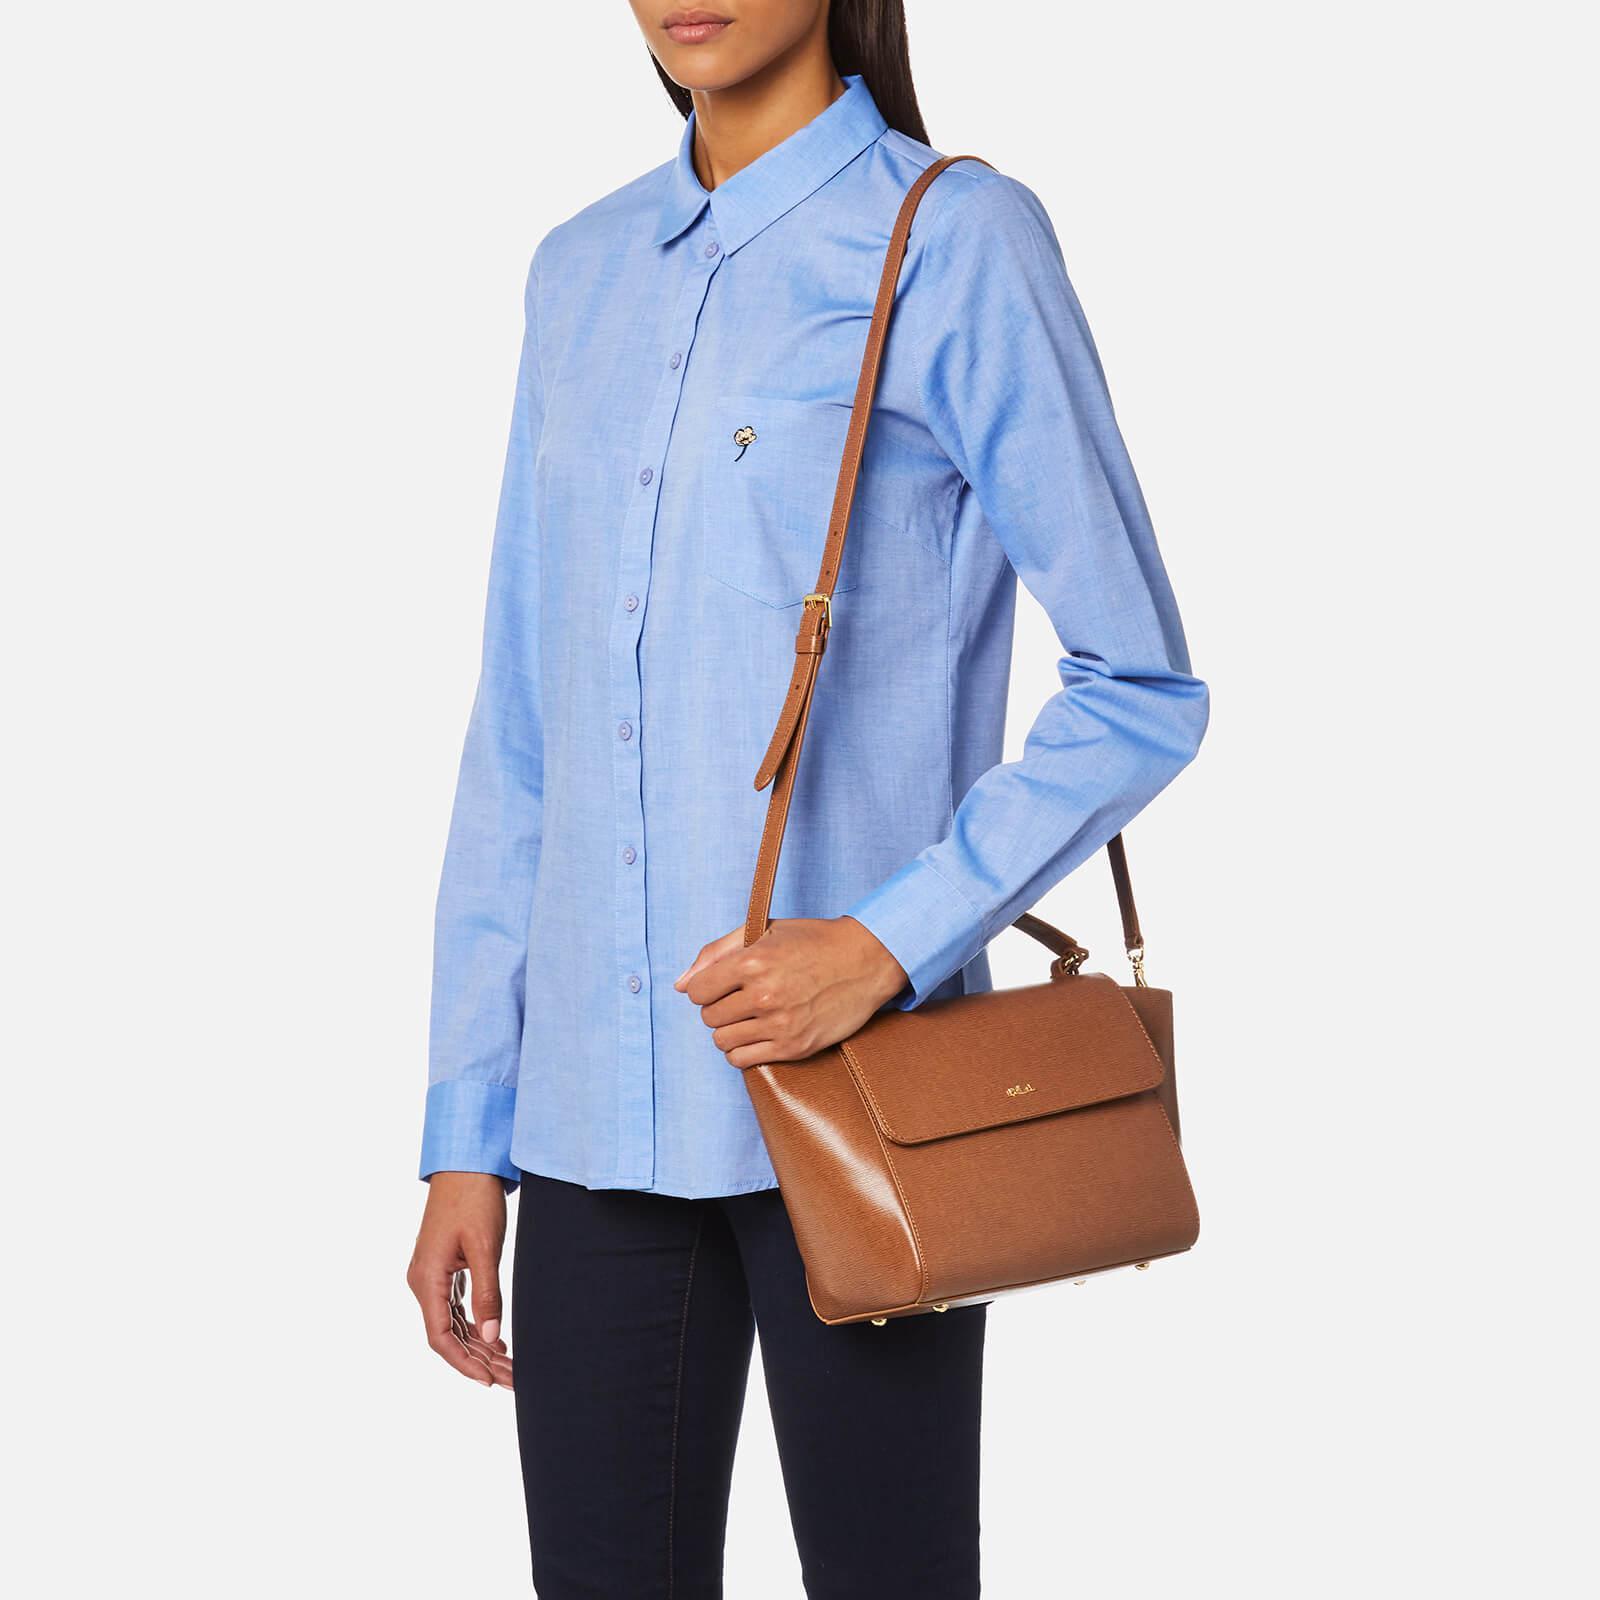 51512ade2 Lauren by Ralph Lauren Newbury Barclay Cross Body Bag in Brown - Lyst